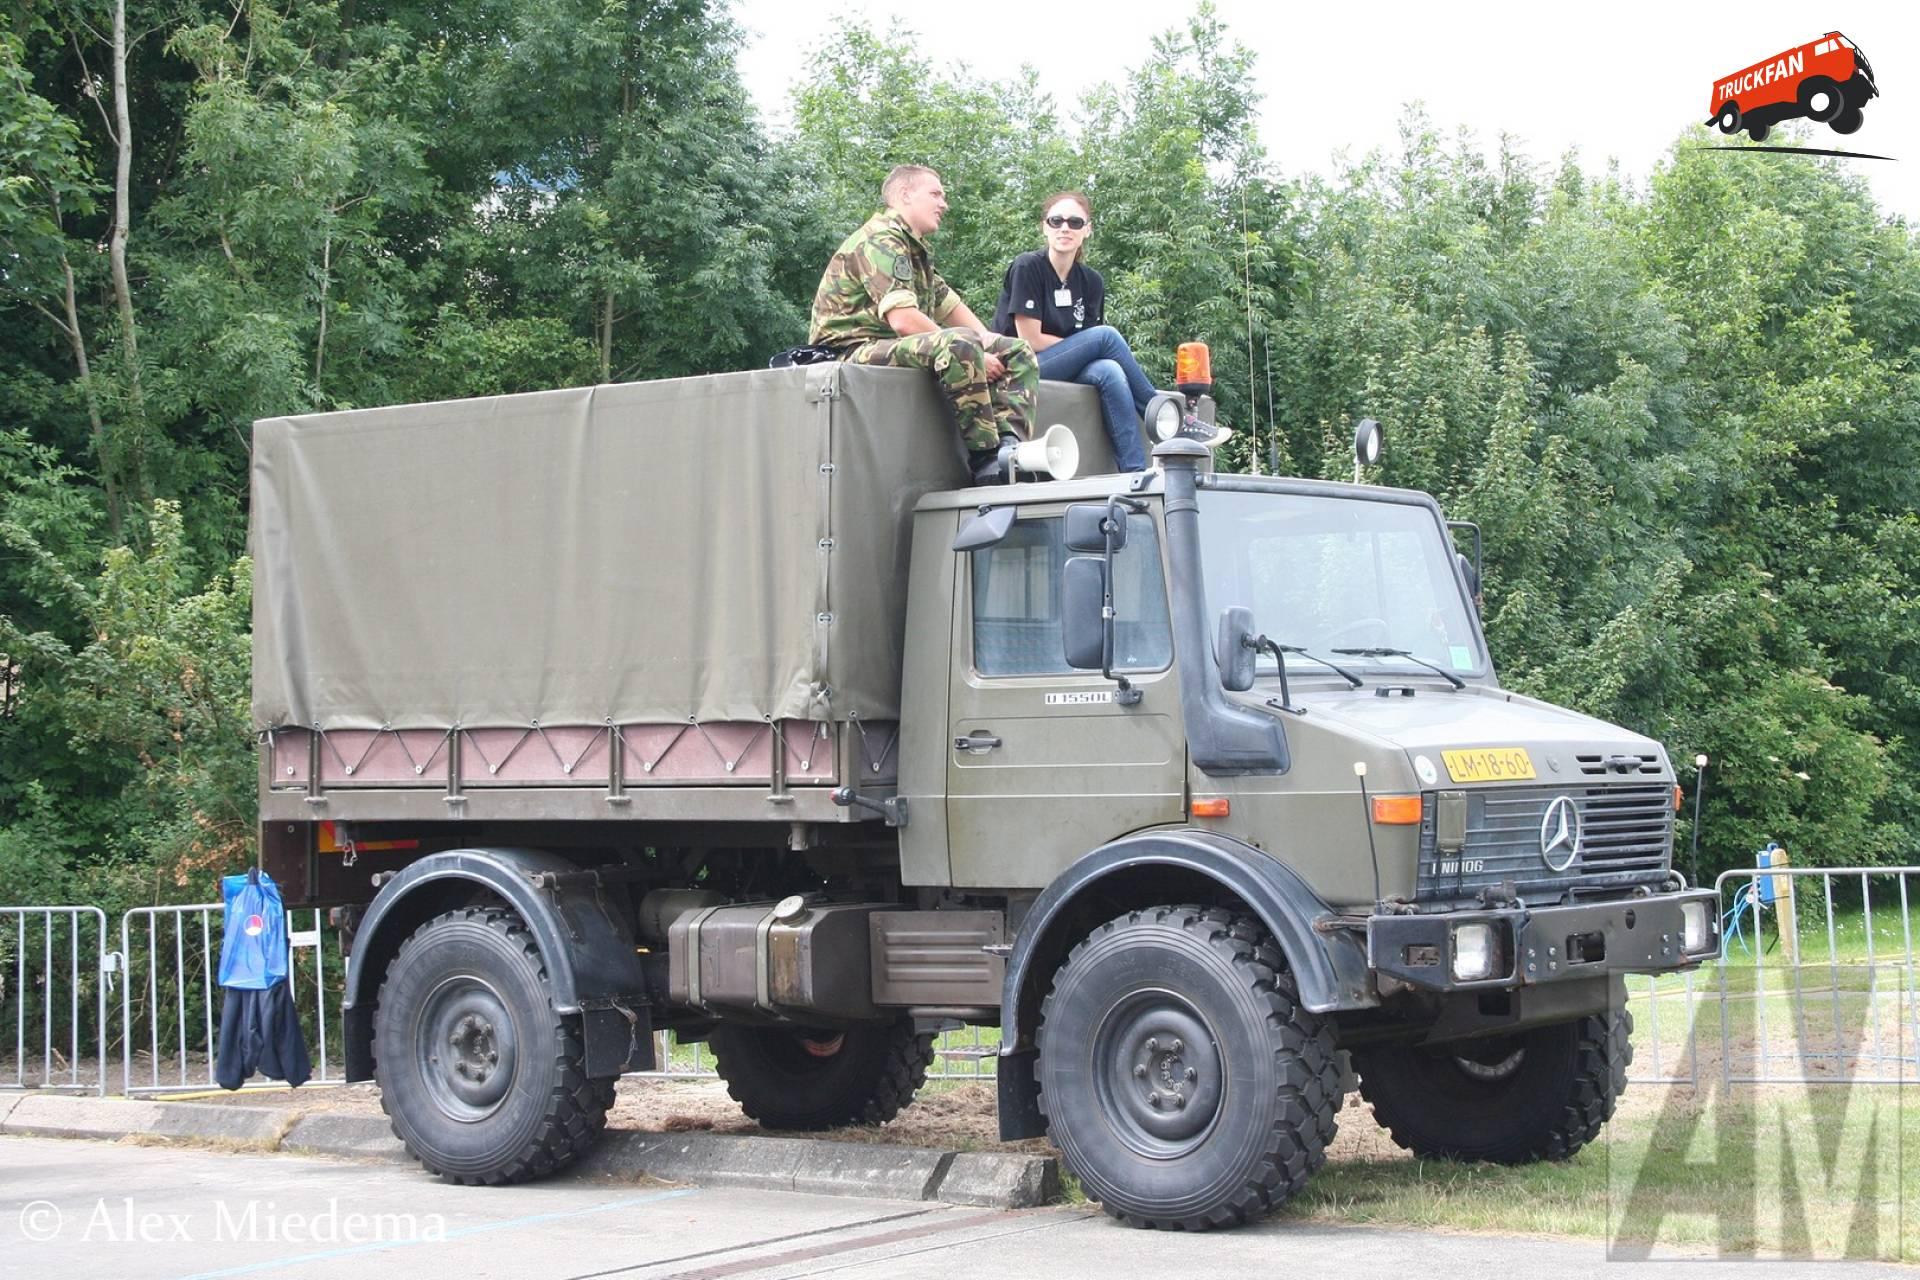 Unimog U1550L